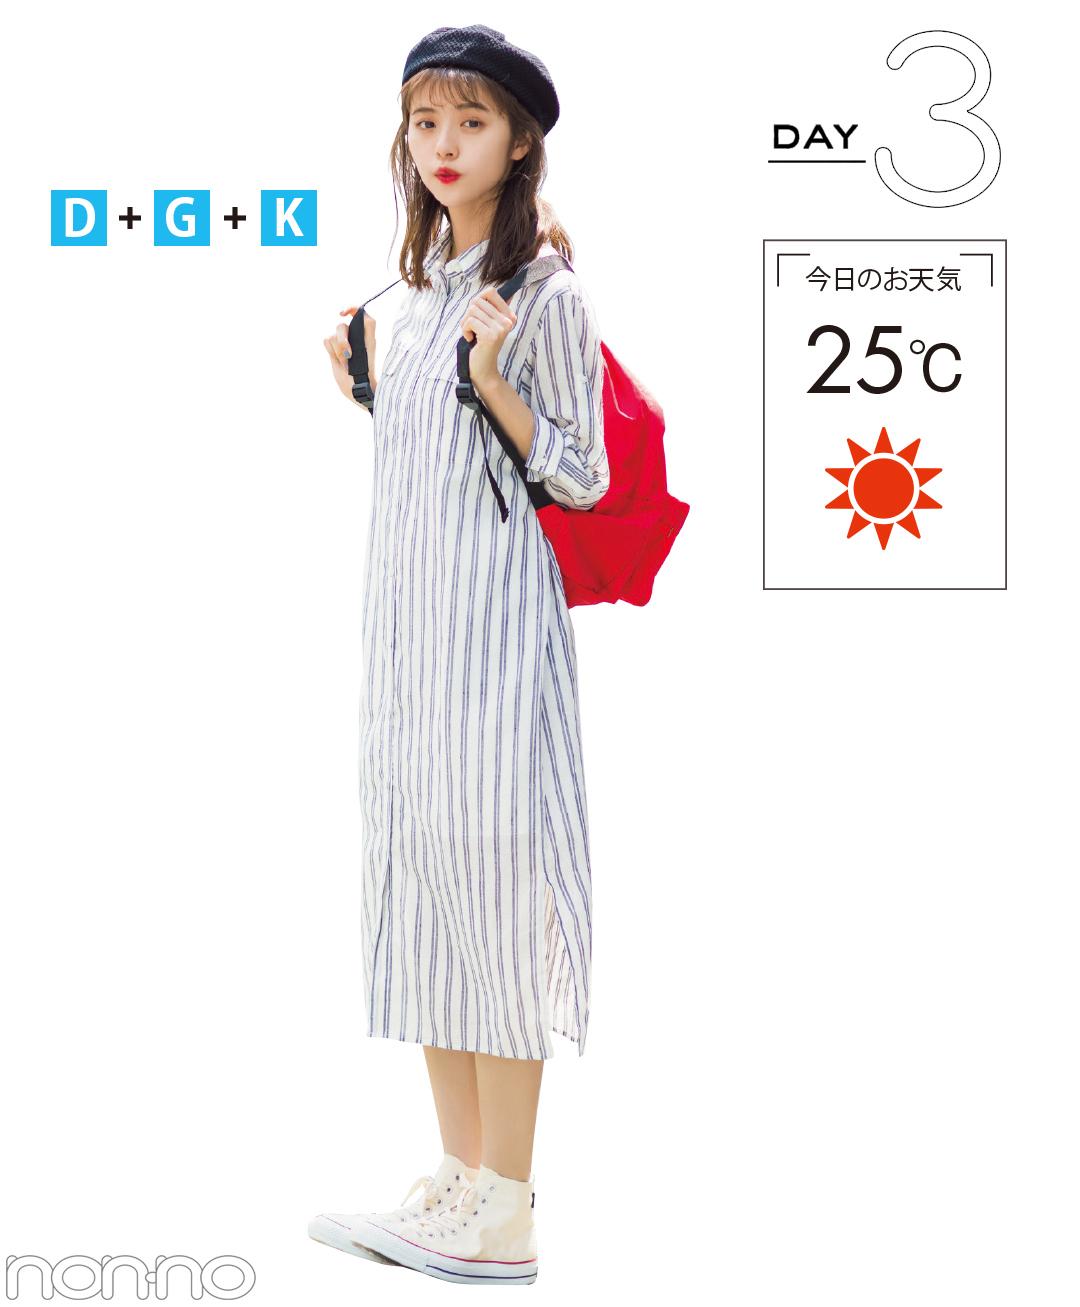 気温差にも梅雨にも負けない! 6月のお天気対応☆快適着回し10days【前半】_1_4-3